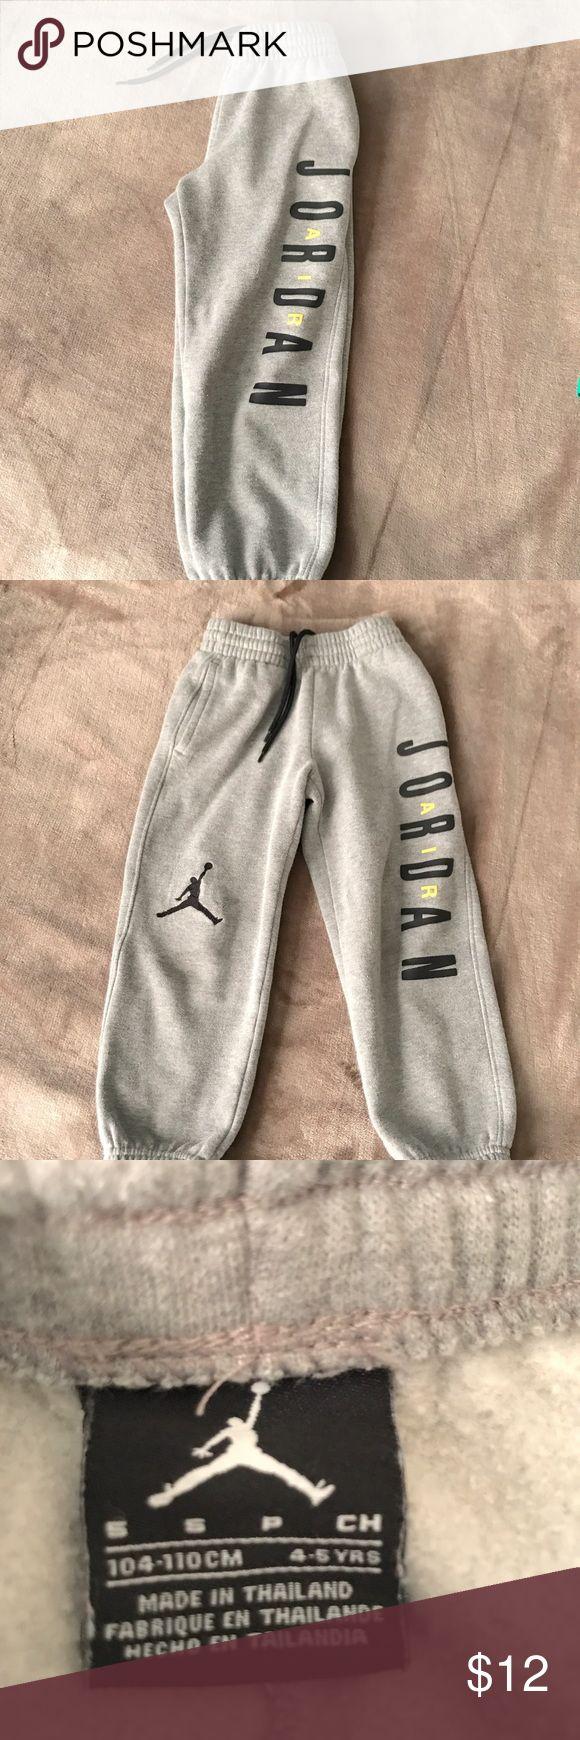 Air Jordan sweats EUC ~ Air Jordan sweats with o keys and drawstring waist ~ size small 4-5y Air Jordan Bottoms Sweatpants & Joggers